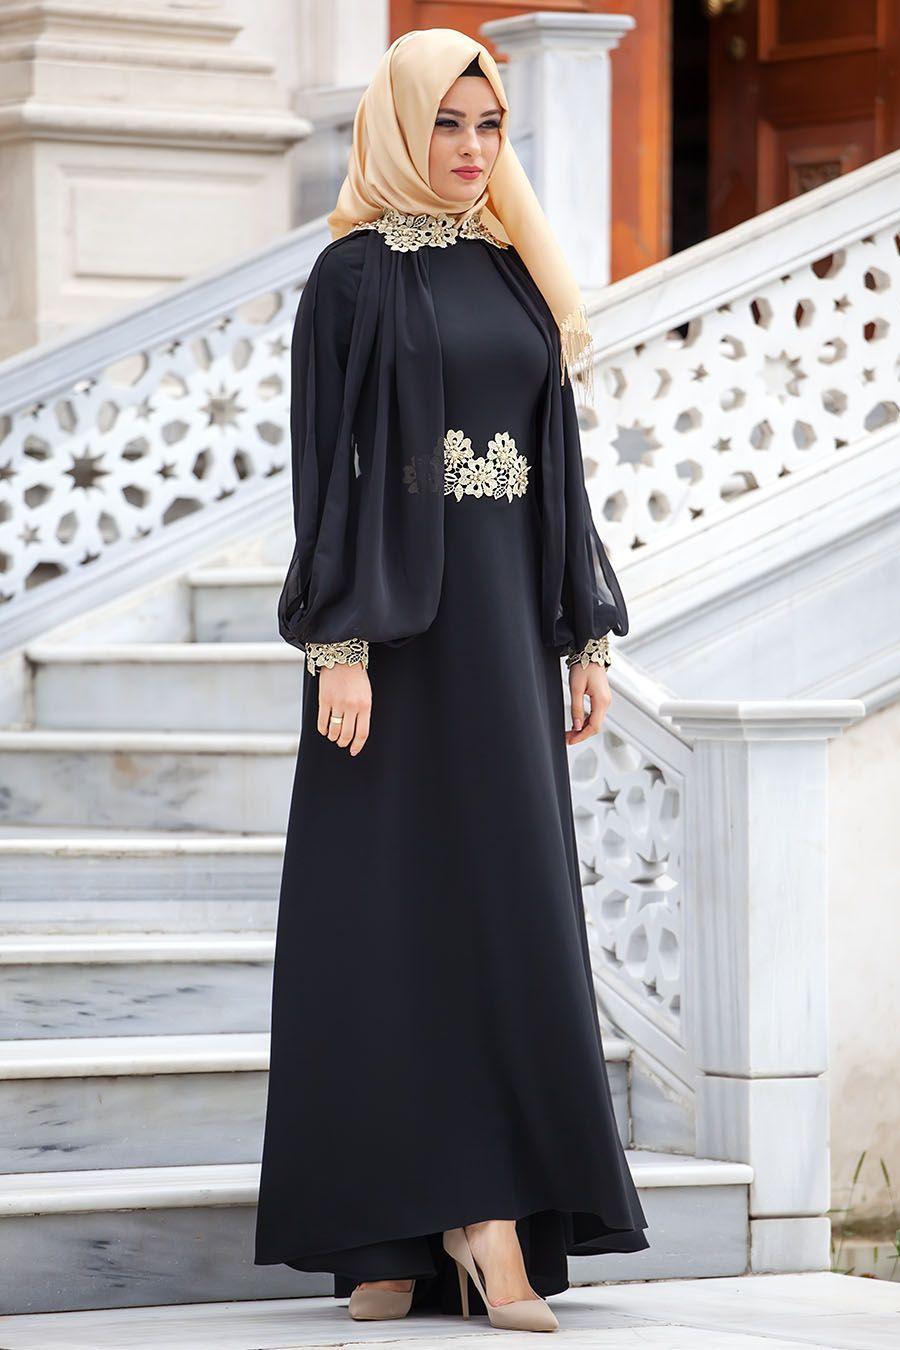 Puane Puane Cicek Detayli Siyah Abiye Elbise Tesettur Bayan Giyimde Elbise Ferace Esarp Sal Hasema Ve Pardesu Gibi Tese Elbise Elbise Modelleri Elbiseler